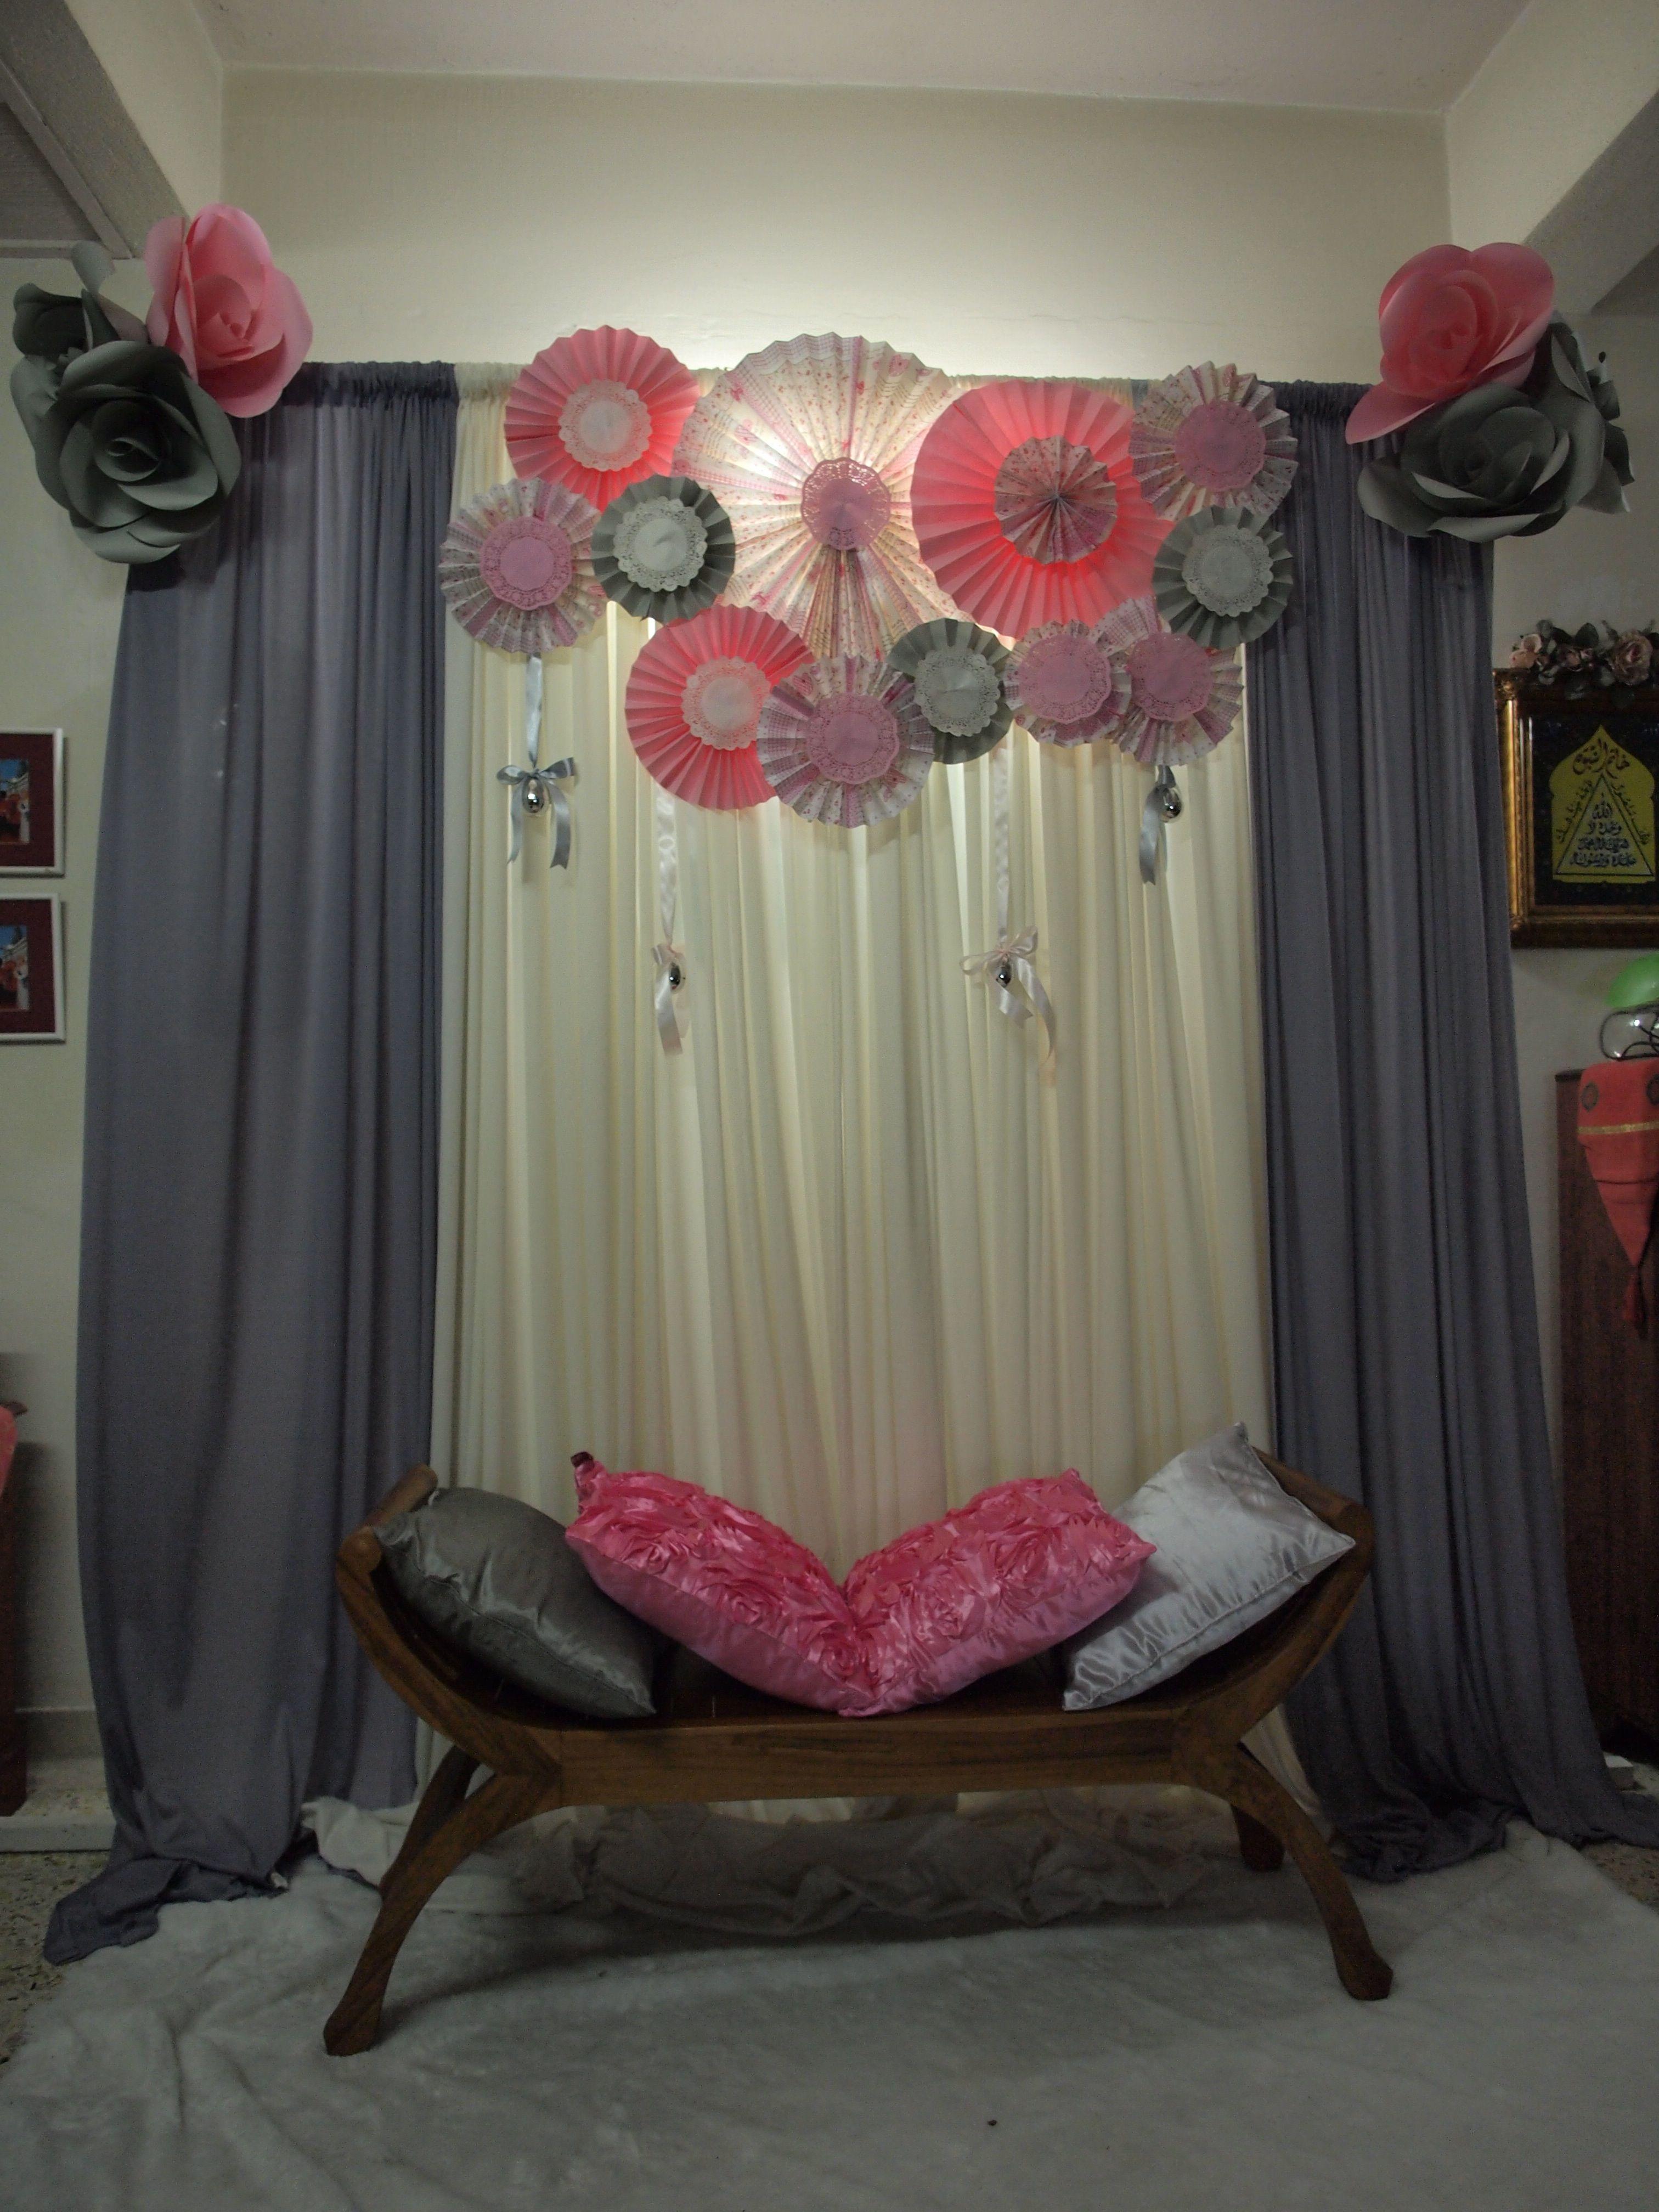 Simple And Elegant Upacara Pernikahan Pernikahan,Scandinavian Living Room Curtains